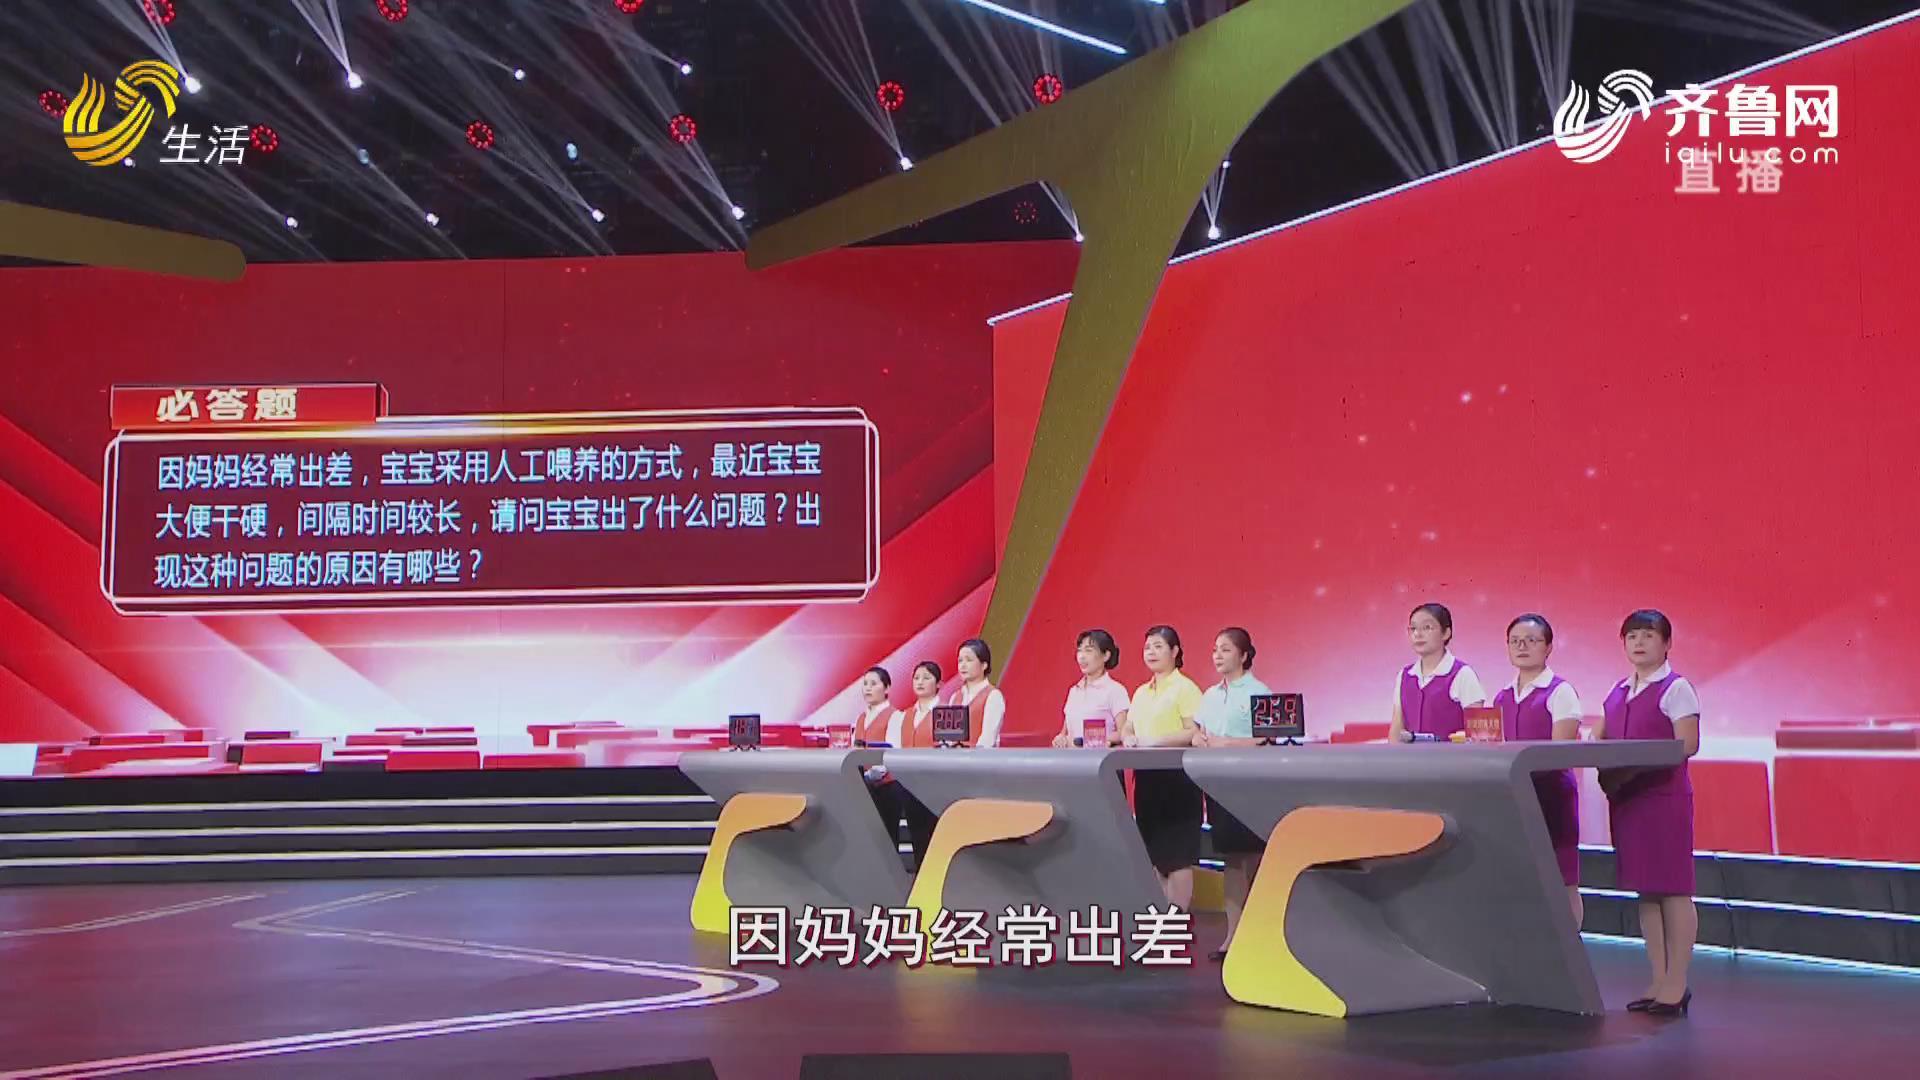 第四届山东省家庭服务业职业技能大赛9晋3